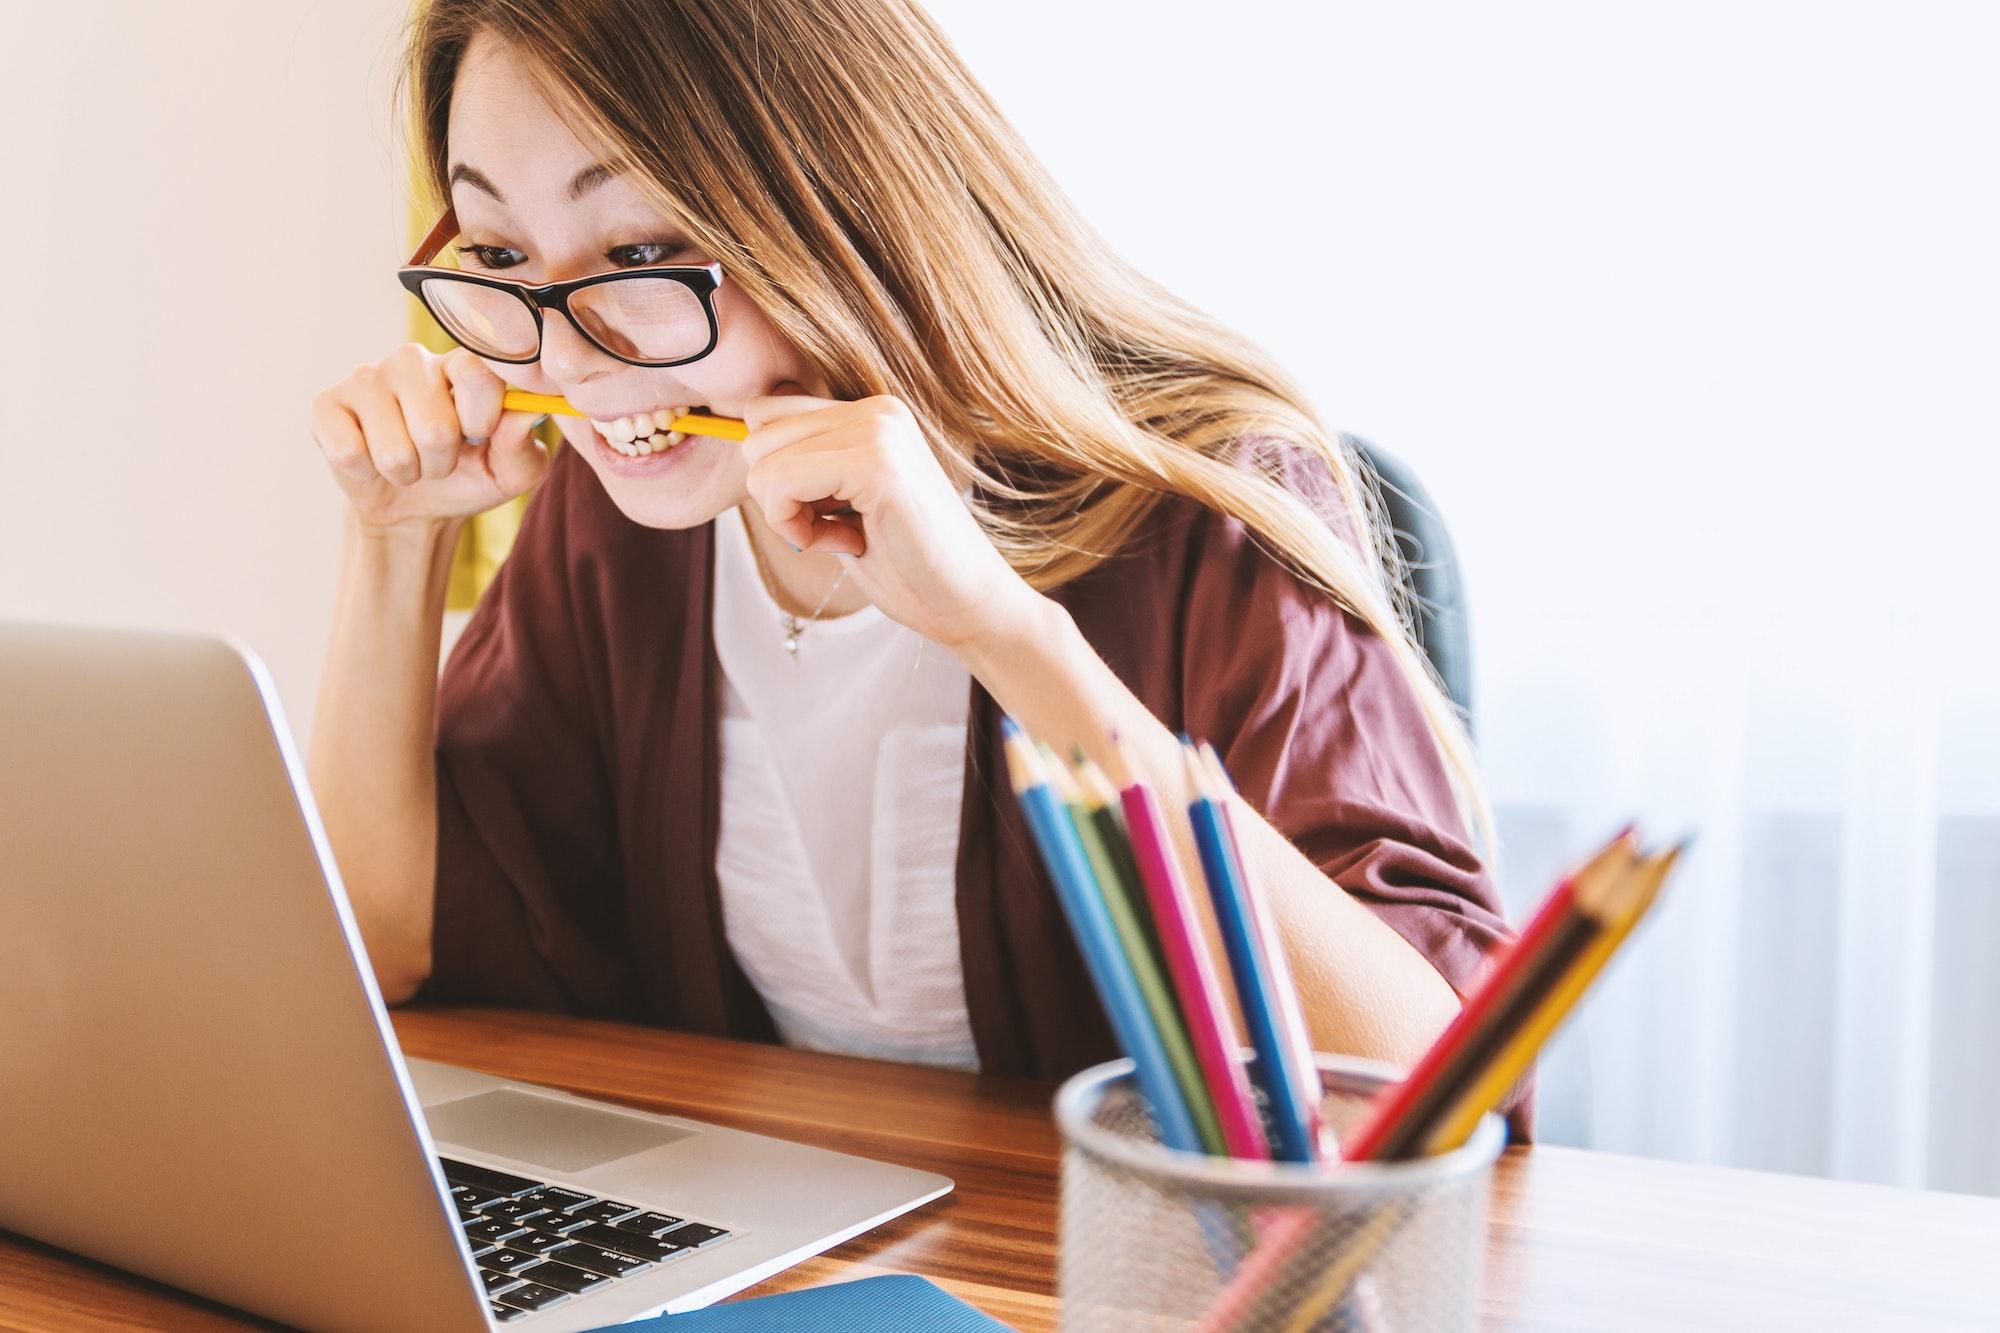 Hoe maak je online onderwijs sociaal? - ScienceGuide